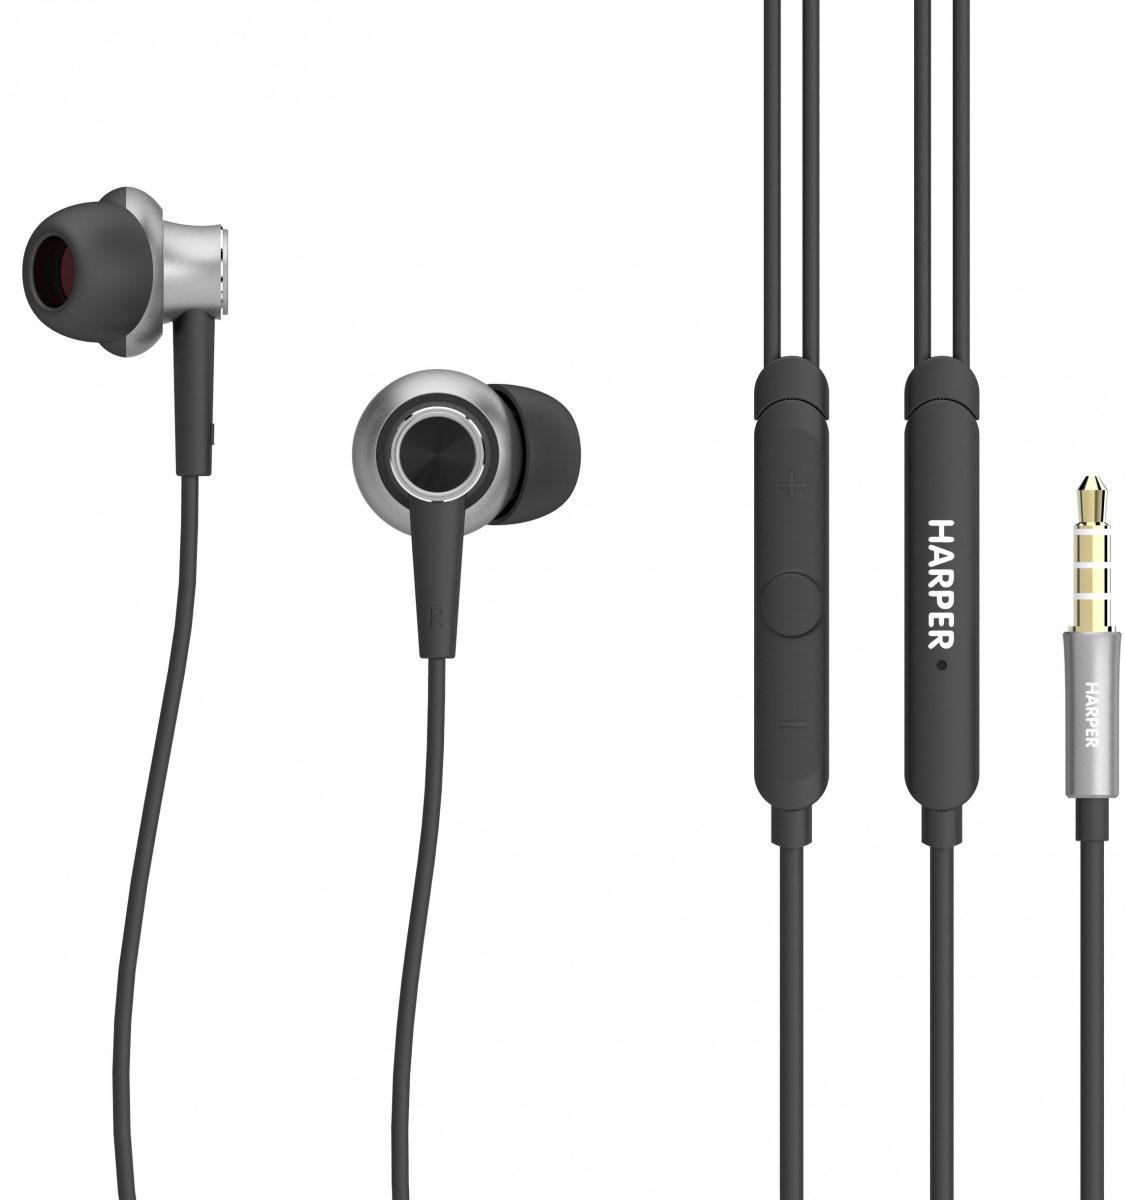 Harper HV-808, Black наушникиH00001237Проводные стереонаушники Harper HV-808 обладают анатомической формой и разработаны таким образом, чтобы сделать качество звучания музыки непревзойденным. Этому способствуют форма наушников (звучание под углом к слуховому каналу), а также техническая начинка. С Harper HV-808 вы сможете слушать музыку в идеальном качестве даже на небольшой громкости.В комплекте поставляются три набора мягких силиконовых накладок разного размера и удобный чехол для хранения и переноски наушников. В инструкции вы найдете рекомендации по подбору правильного размера амбушюр, а также инструкции по уходу и эксплуатации Harper HV-808.Несмотря на то, что наушники проводные, при использовании с современными смартфонами на базе ОС Android или iOS, вы сможете управлять треками (перемотка, переключение, пауза, воспроизведение) и вызовами (режим телефонной гарнитуры). Для этого в едином корпусе на проводе наушников с микрофоном размещены три кнопки.Наличие разъема 3,5 мм mini-jack делает наушники Harper HV-808 универсальными, так как указанный способ подключения доступен практически всем современным гаджетам, воспроизводящим музыку.